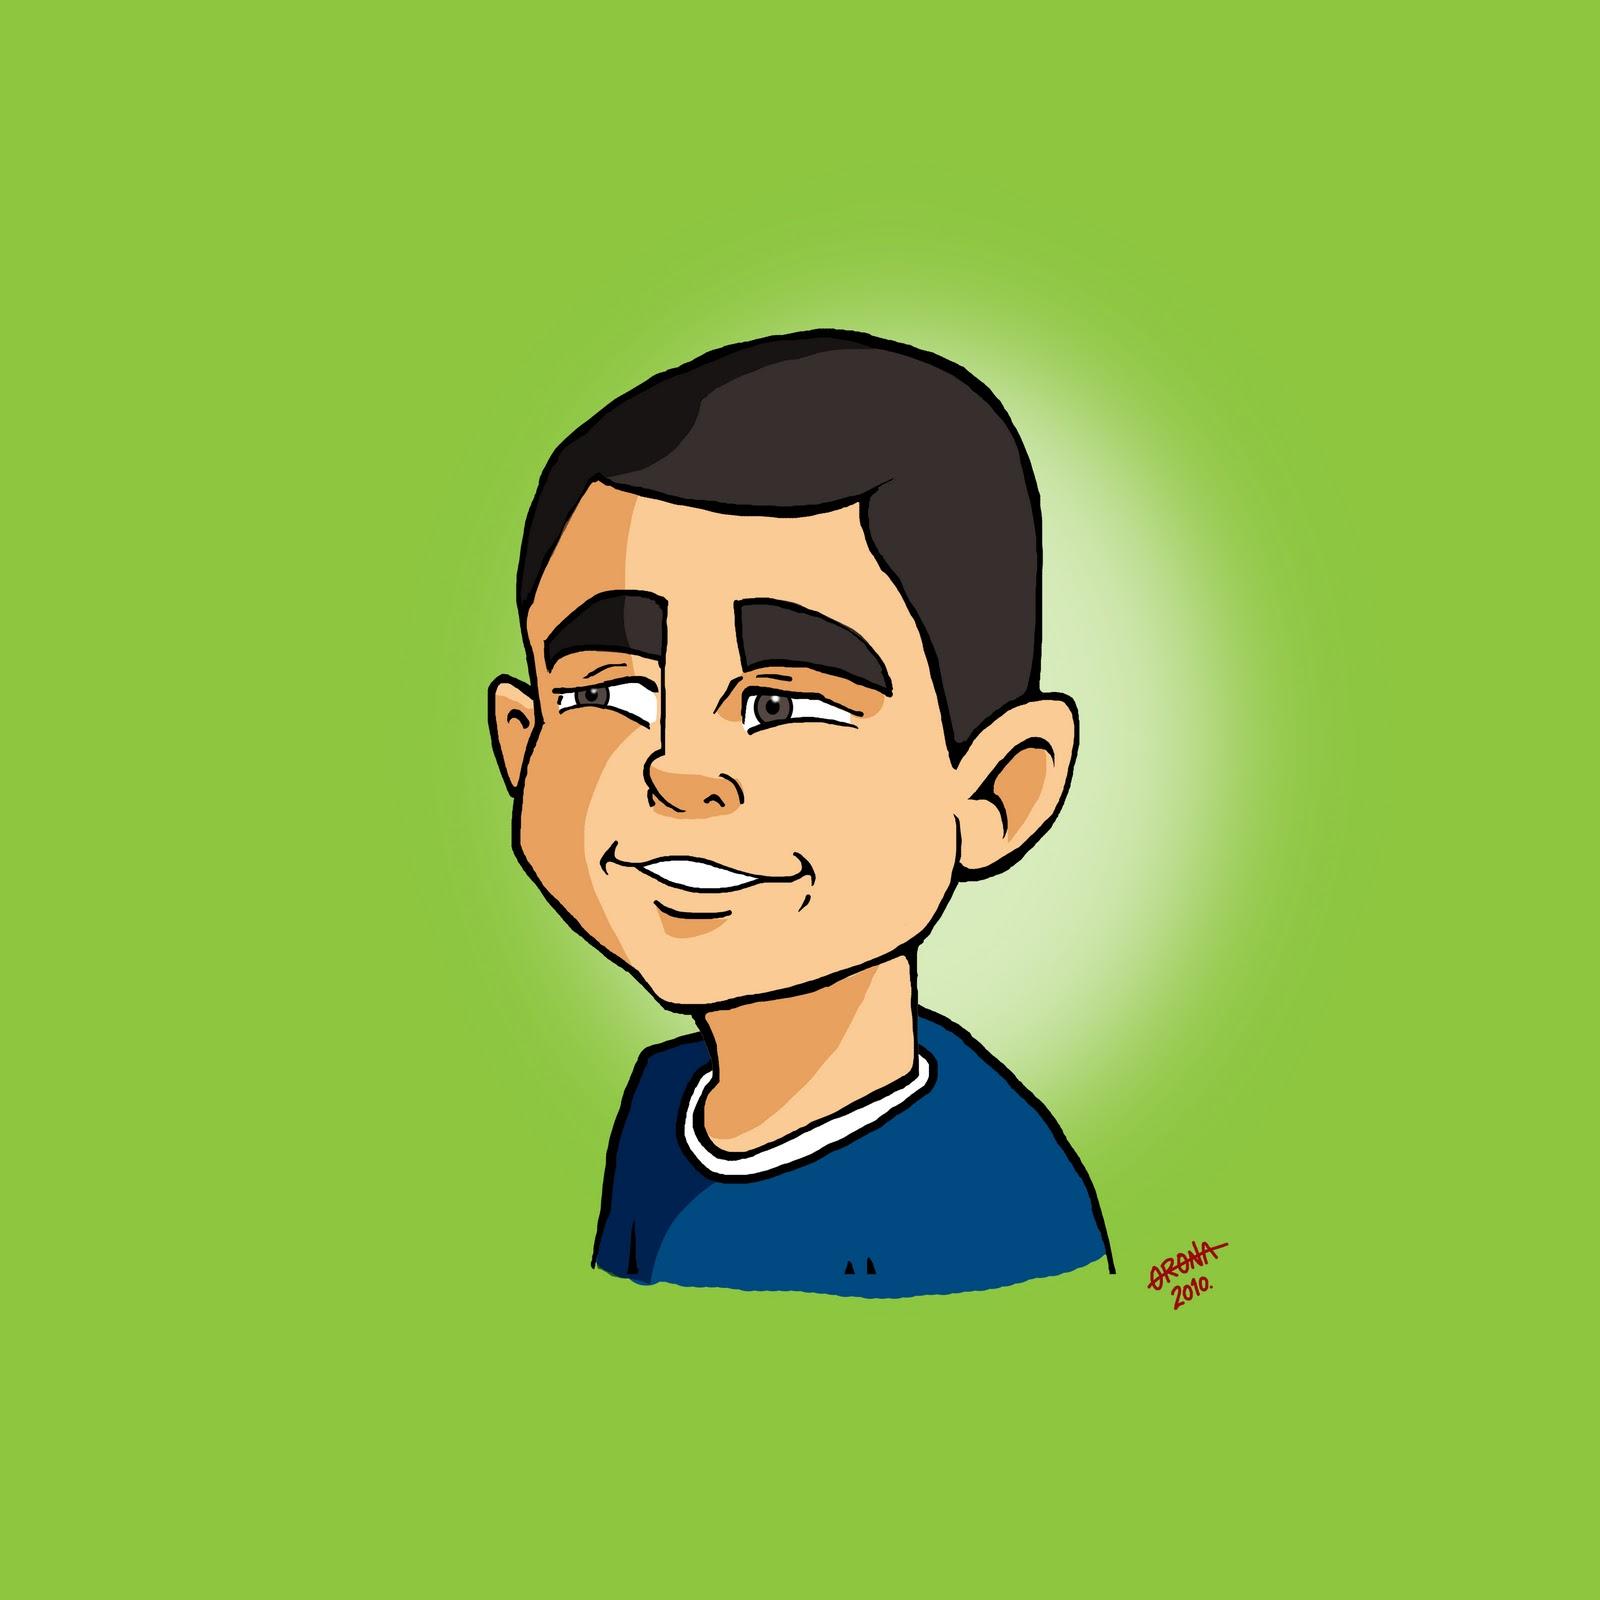 Ilustraciones, monos y dibujos: Caricaturas de niños-1